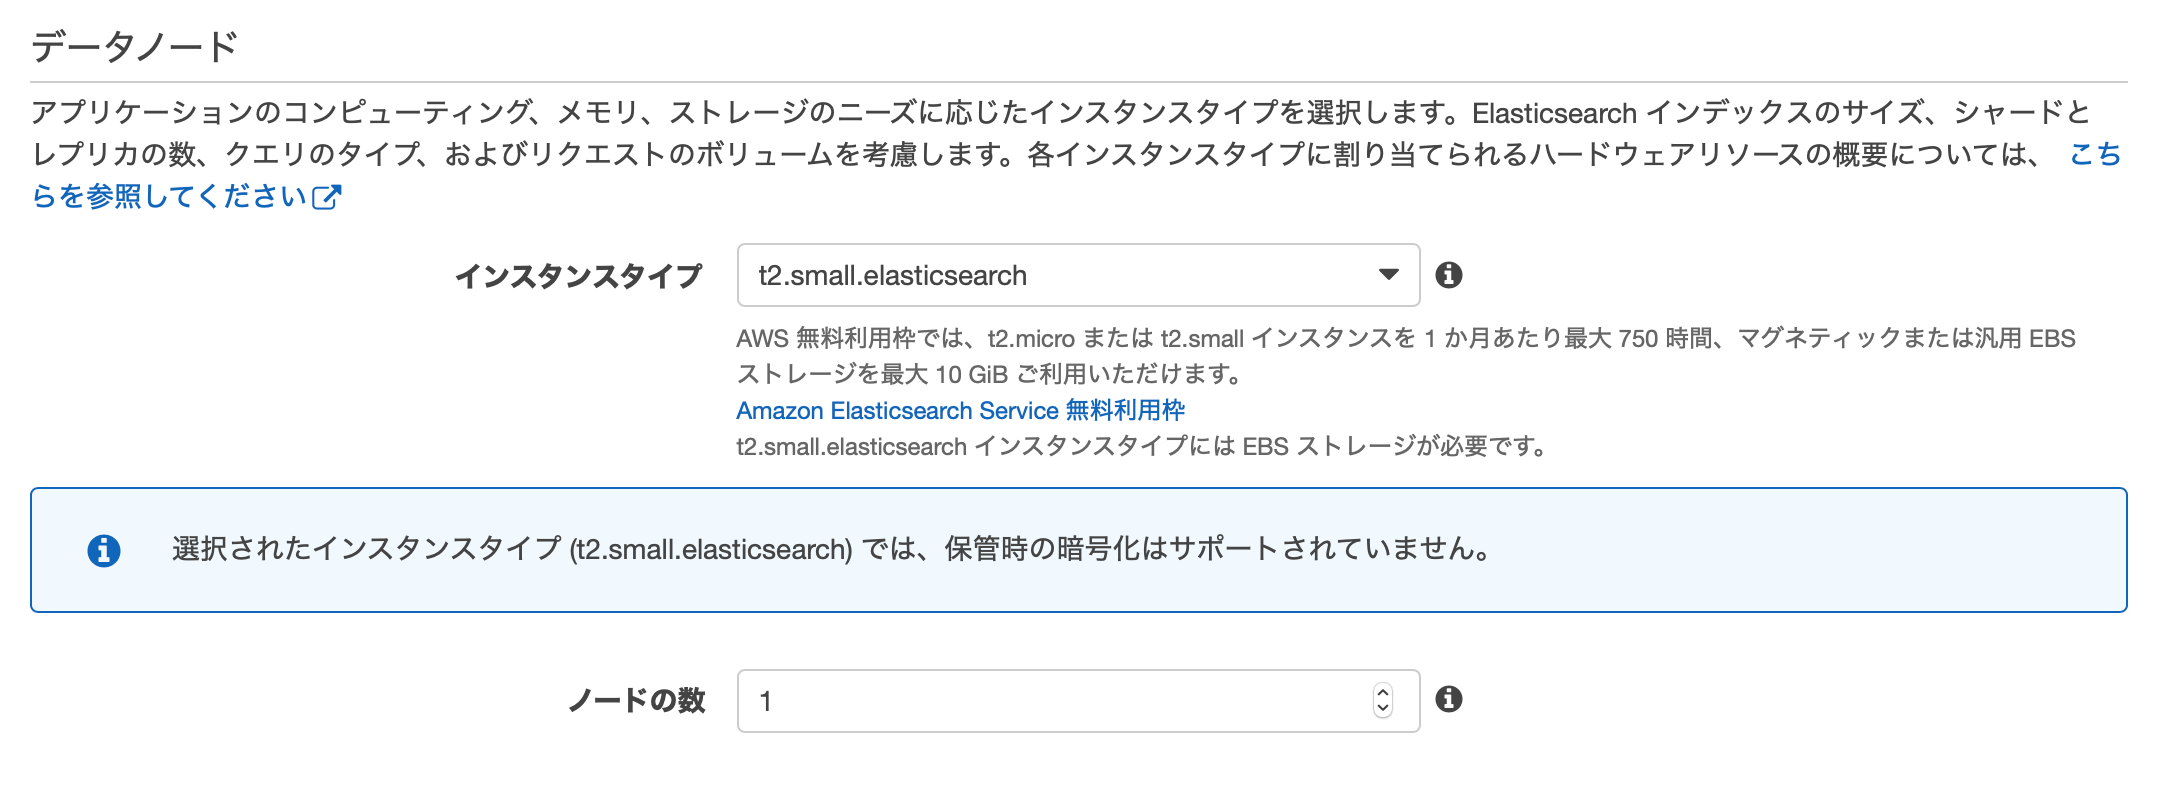 スクリーンショット 2020-10-20 14.58.52のコピー2.png